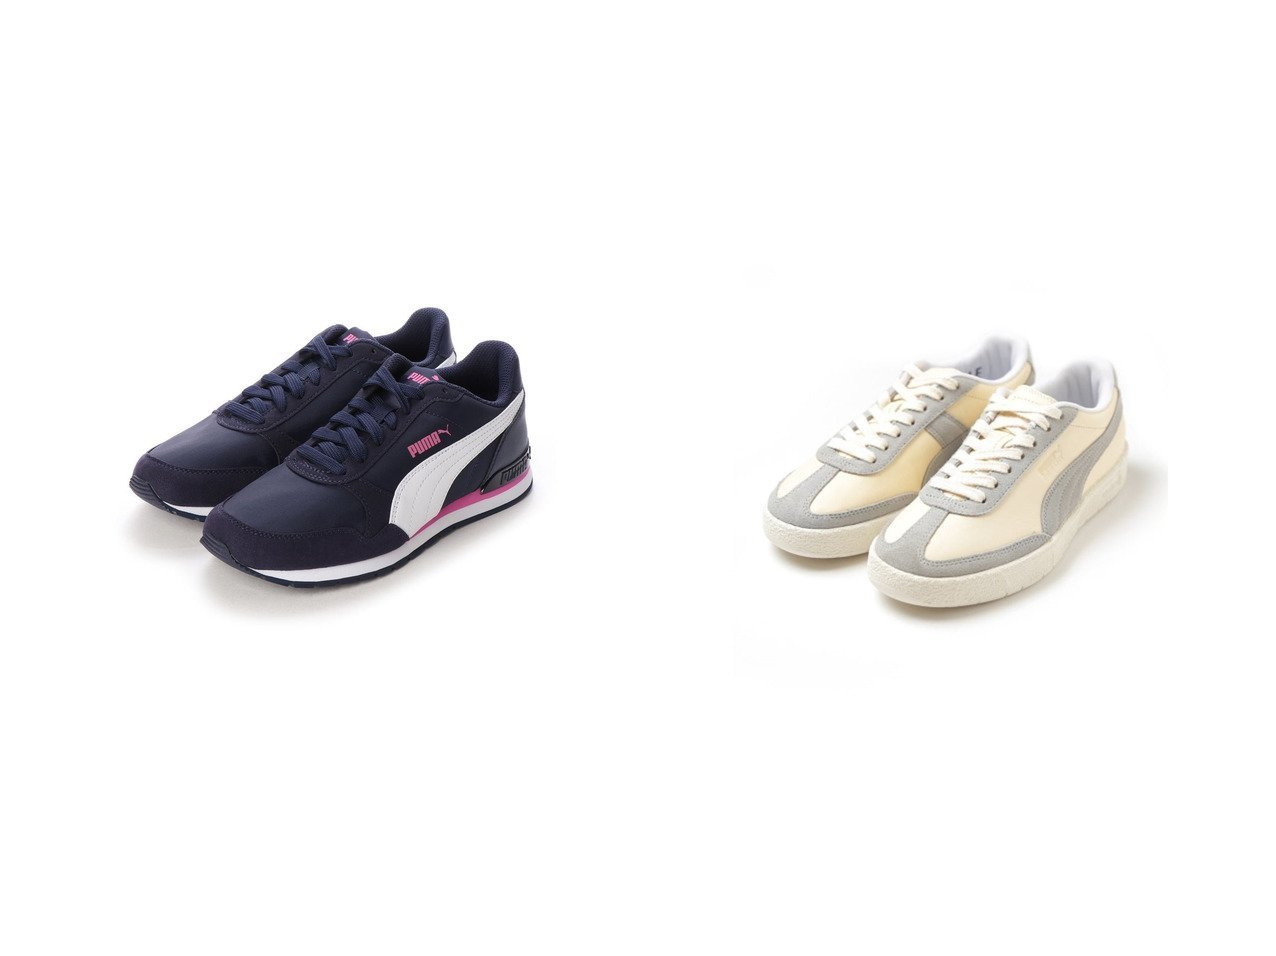 【PUMA/プーマ】のST RUNNER V2 NL BG レディーススニーカー&【emmi/エミ】の【PUMA for emmi】オスロ シティ EMMI シューズ・靴のおすすめ!人気、トレンド・レディースファッションの通販 おすすめファッション通販アイテム インテリア・キッズ・メンズ・レディースファッション・服の通販 founy(ファニー)  ファッション Fashion レディースファッション WOMEN クラシカル シューズ スポーツ 人気 2020年 2020 2020 春夏 S/S SS Spring/Summer 2020 S/S 春夏 SS Spring/Summer クッション クラシック スニーカー スポーティ フォルム フォーム フレア ベーシック ランニング 春 Spring ブルー系 Blue  ID:crp329100000014313